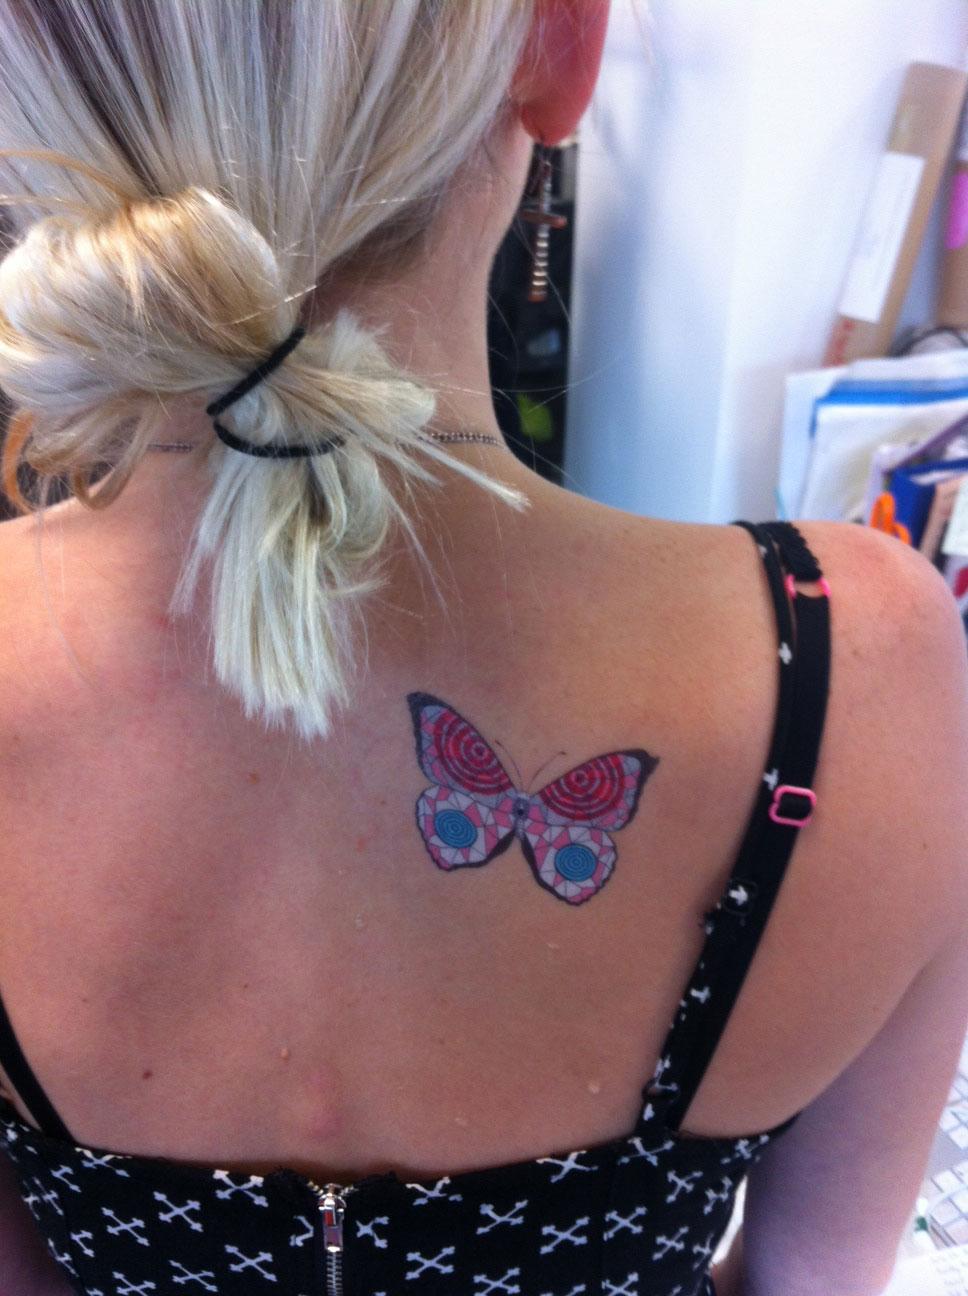 Fickle tattoo